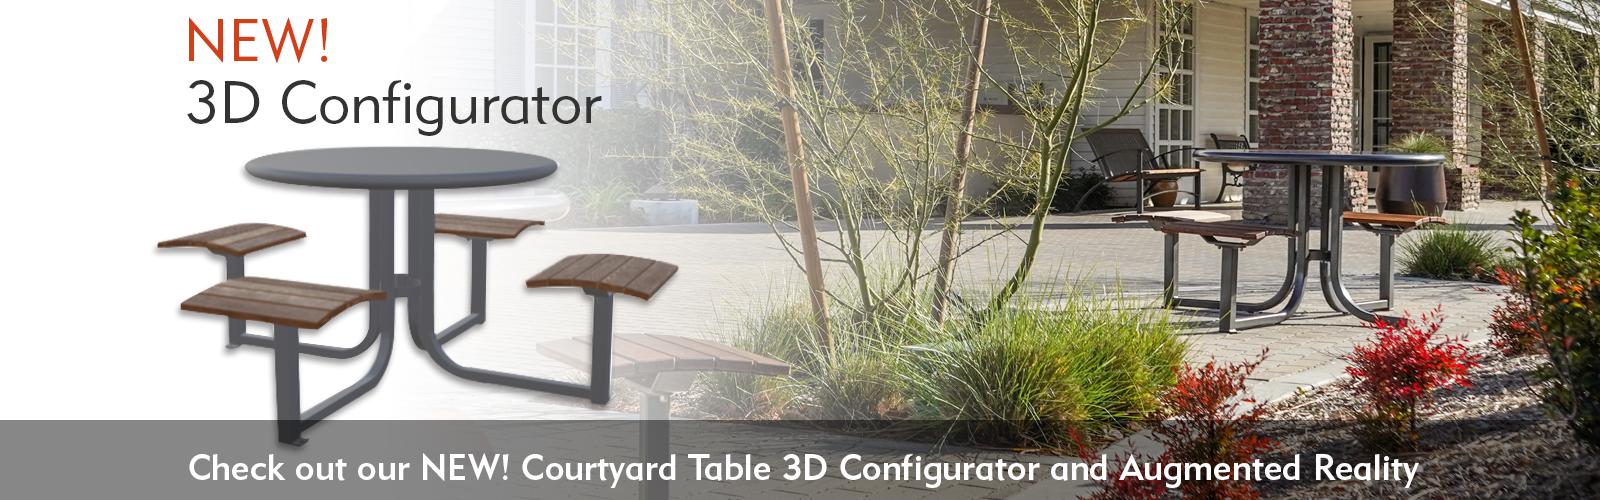 Thomas Steele Courtyard Table